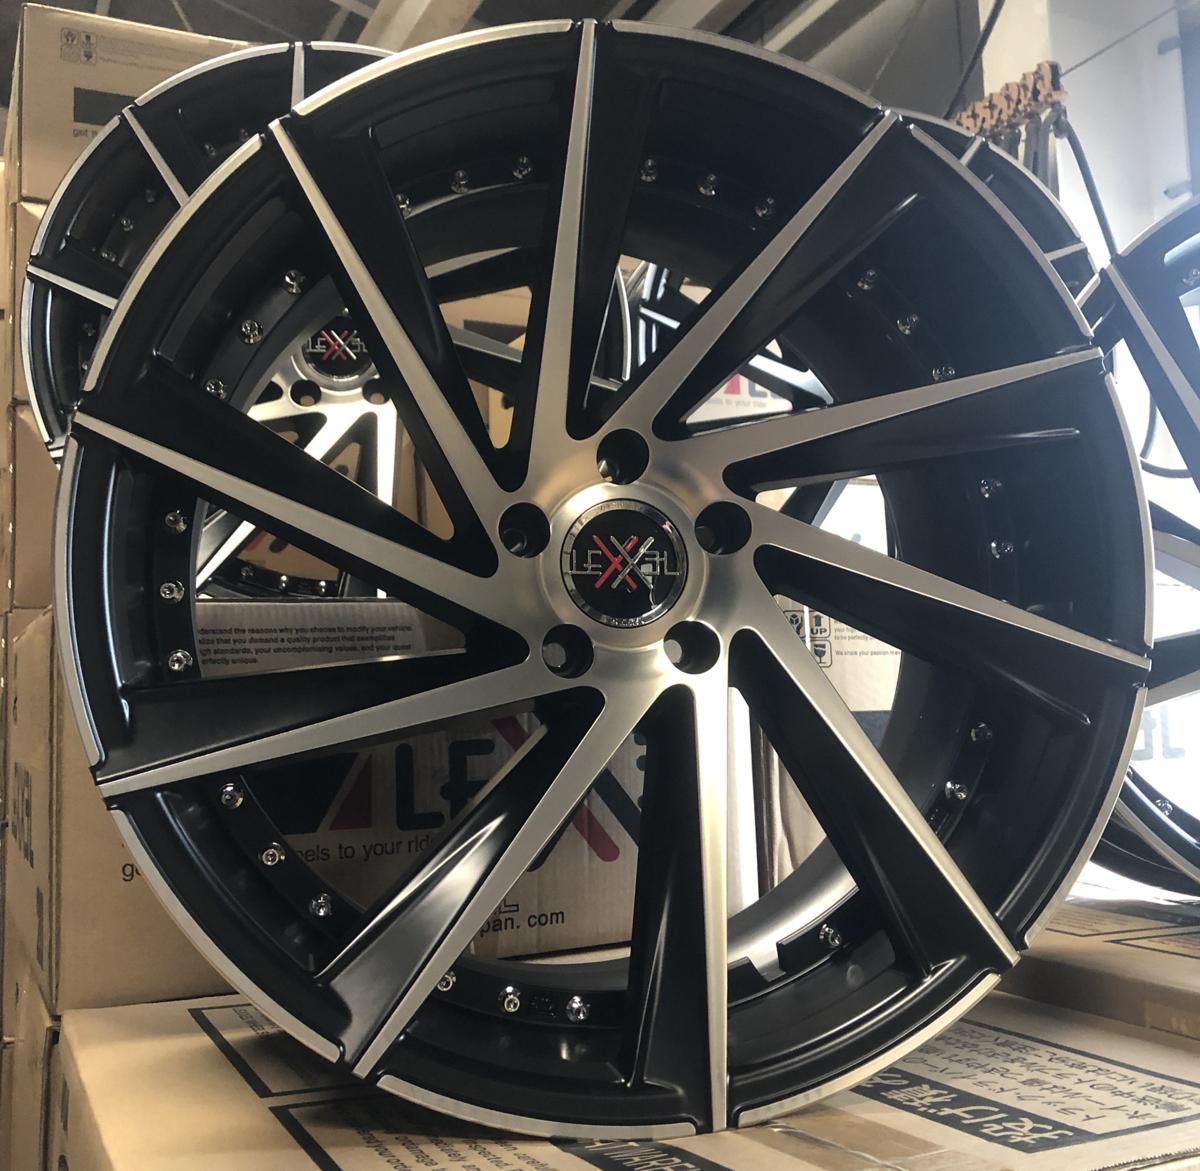 美品!! スカイライン フーガ Z33 SC アルファード ヴェルファイア IS クラウン 20インチ タイヤホイールセット 9J&10J 4本 LEXXEL Laluce_画像9